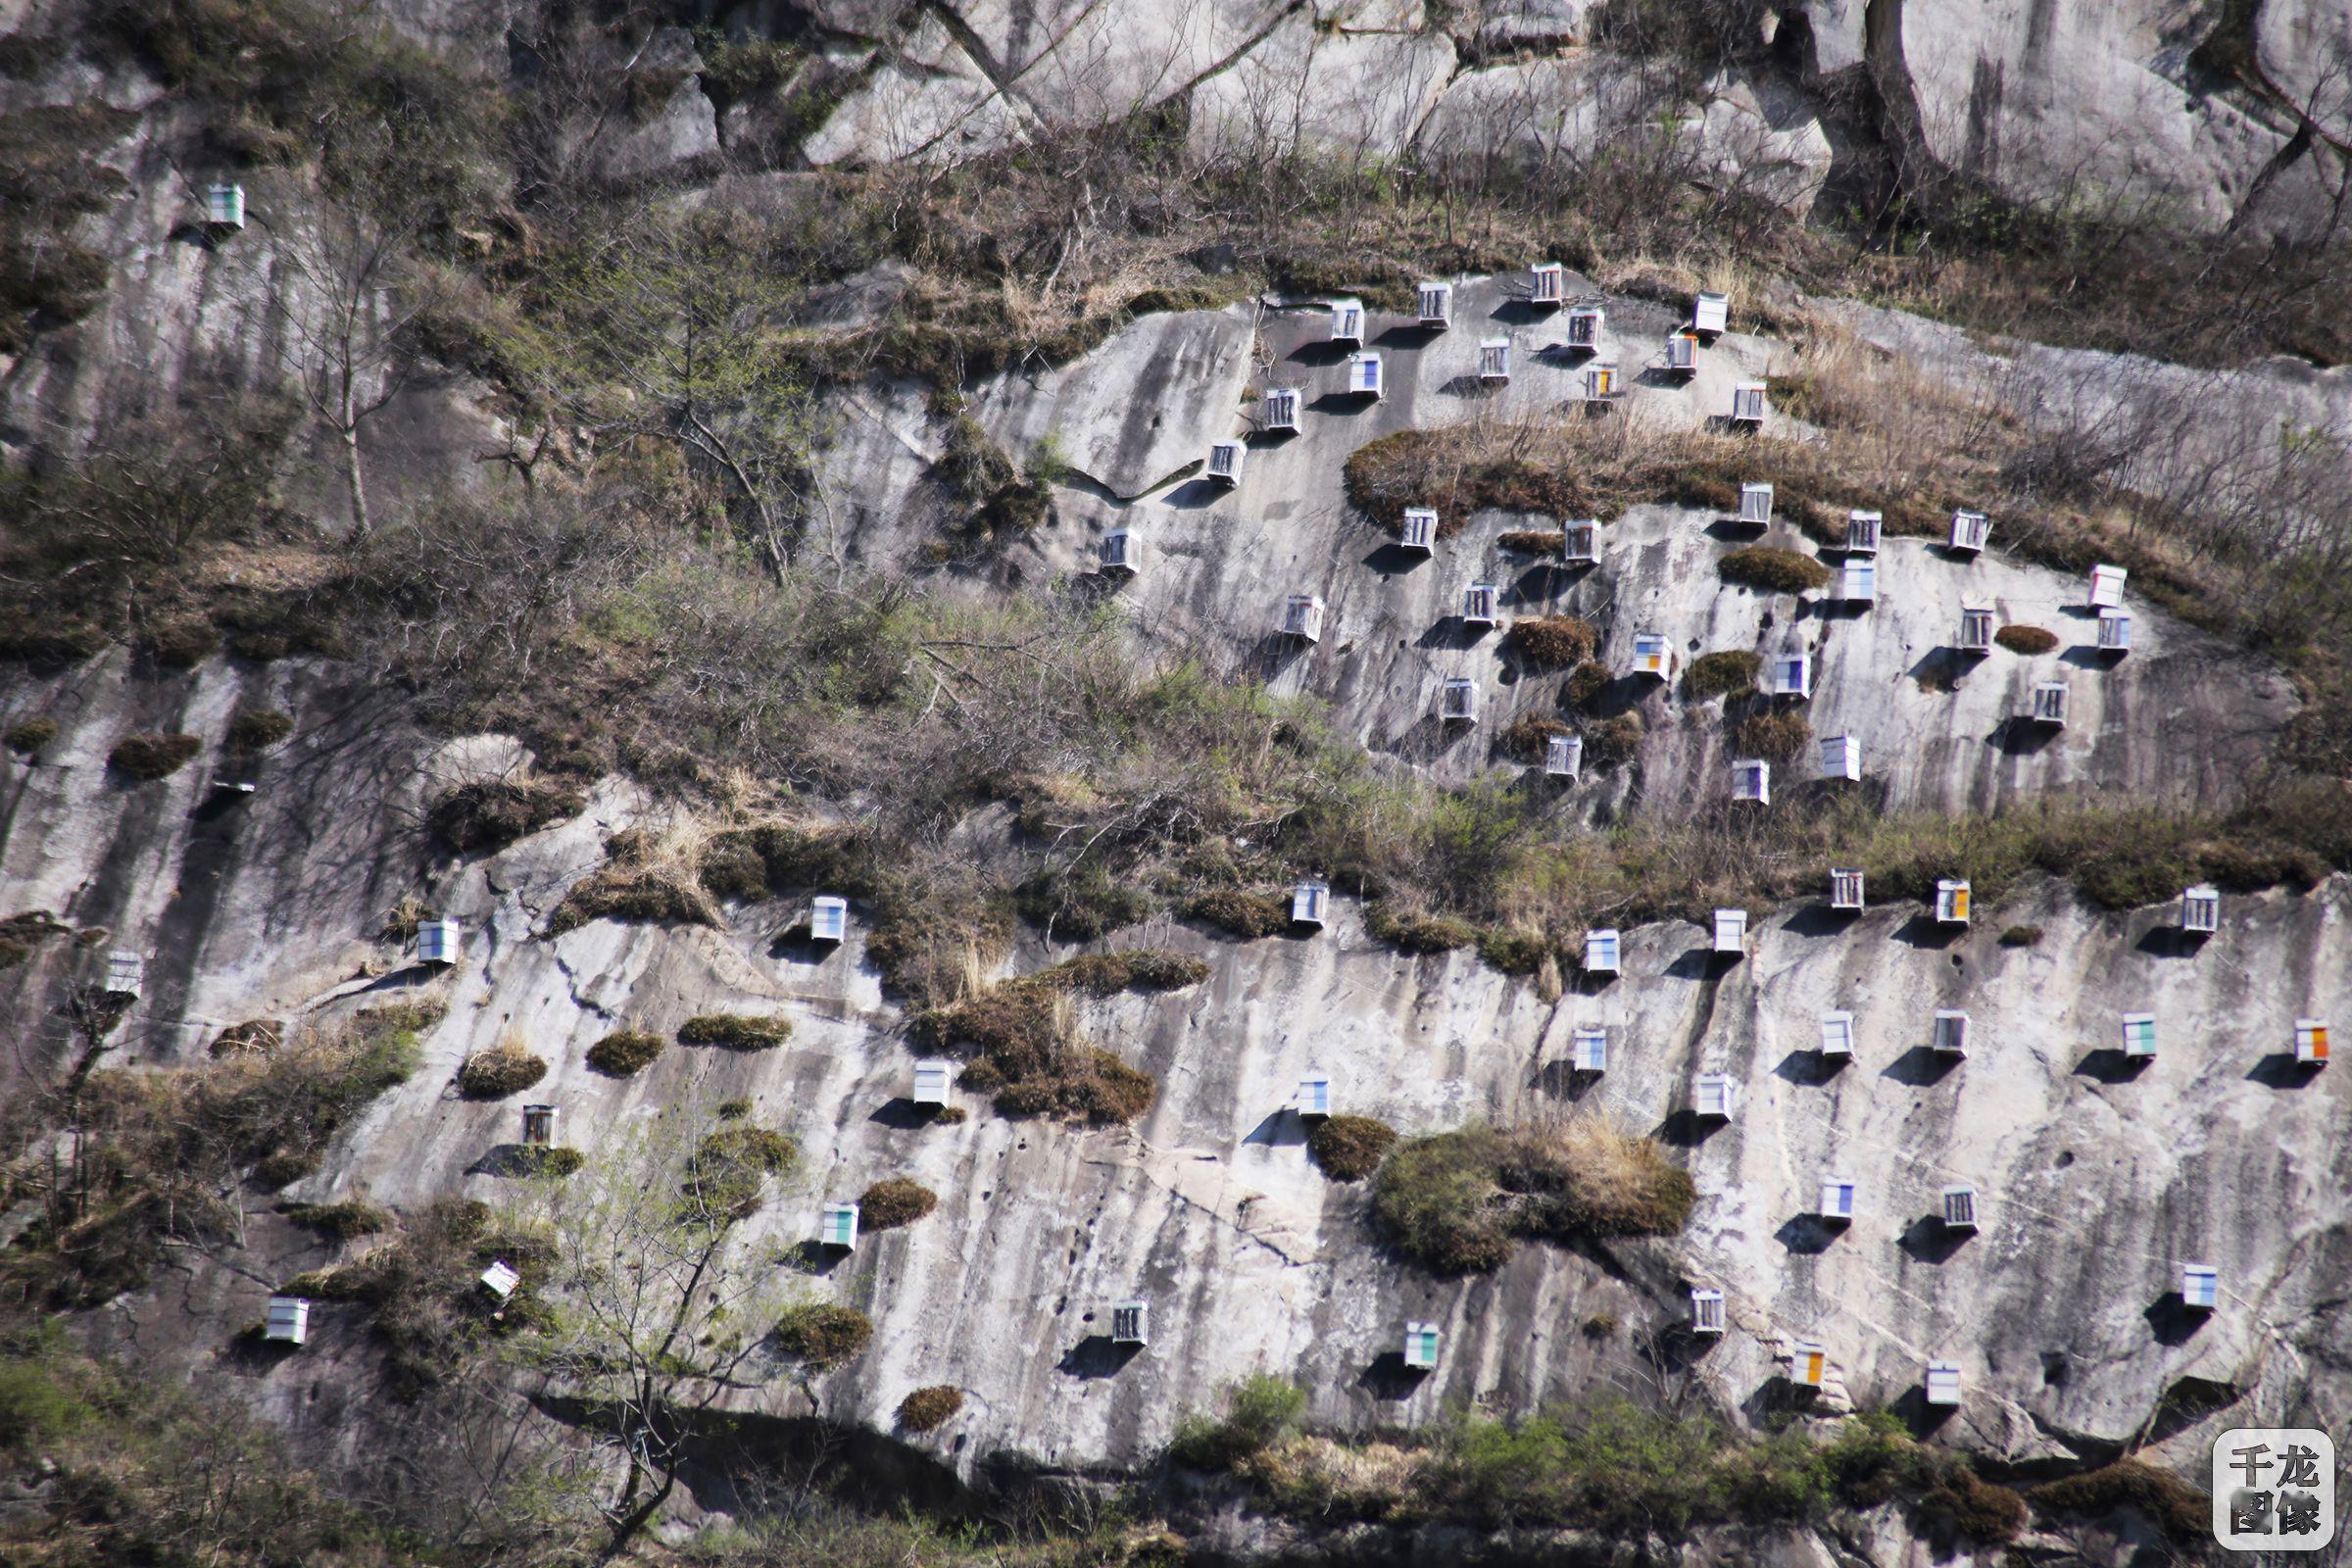 密云将打造悬蜂谷景区游客可赏崖壁养蜂、制作蜂蜡唇膏